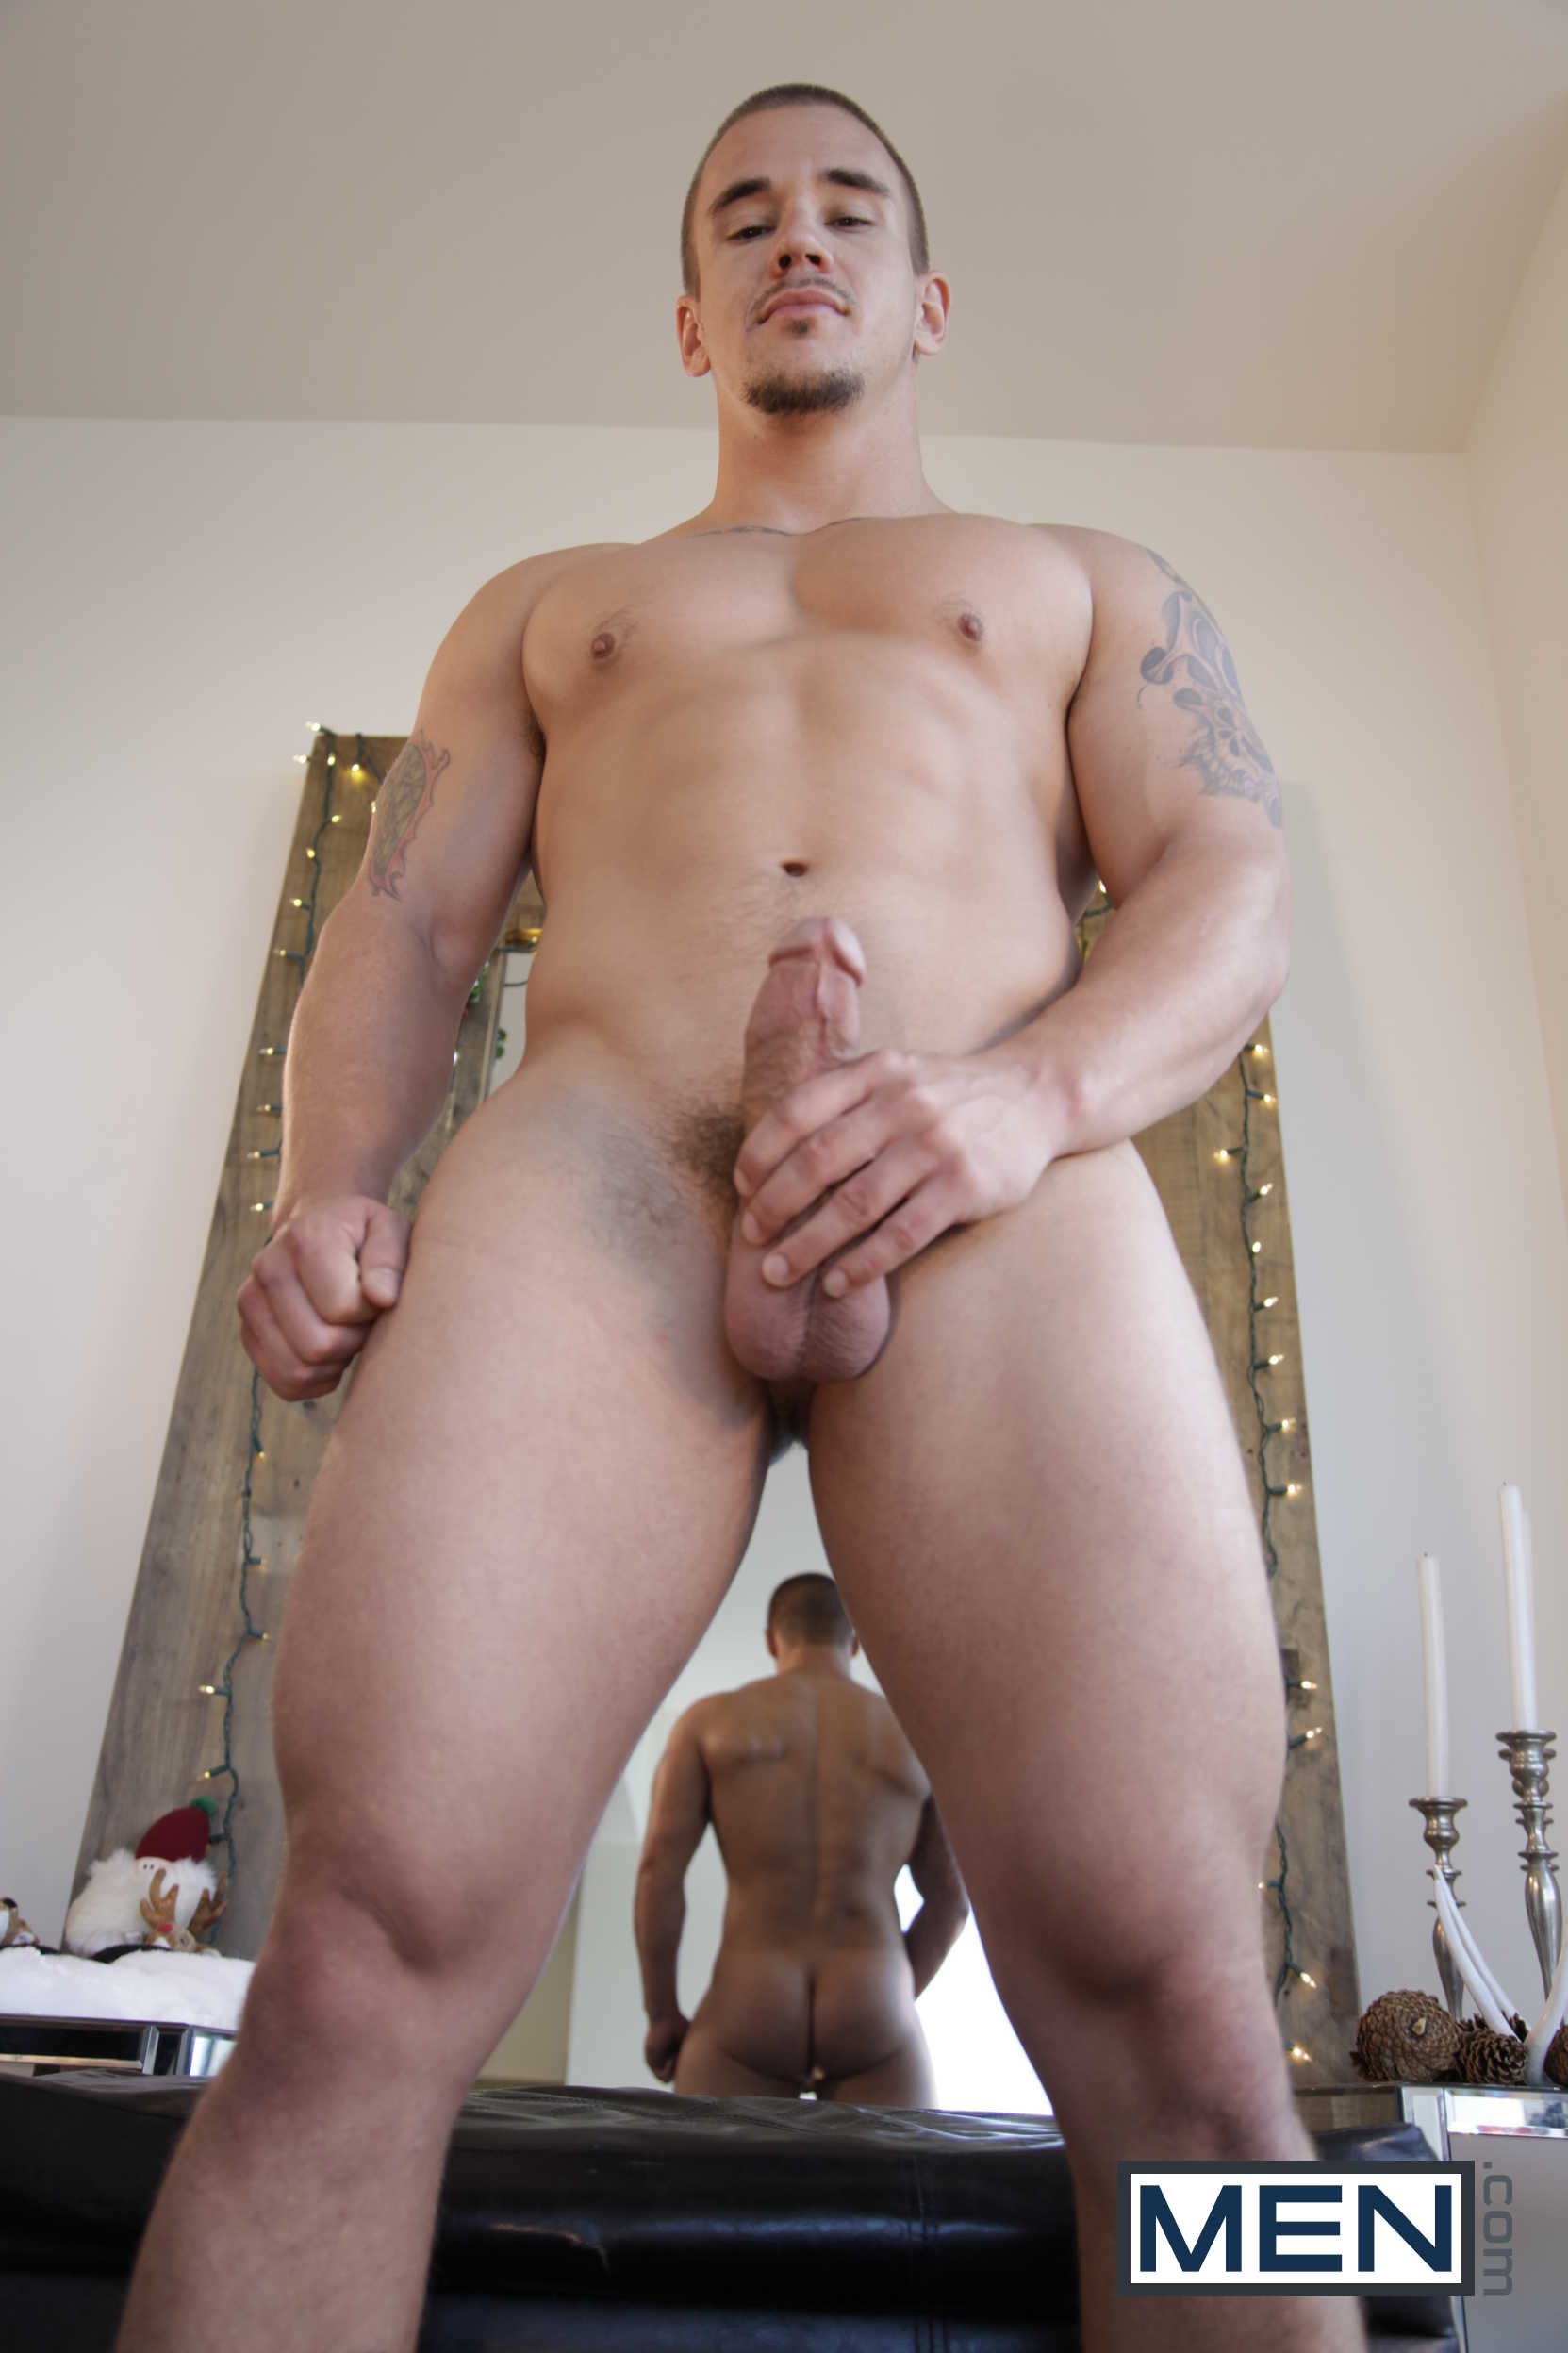 bif naked screen capture